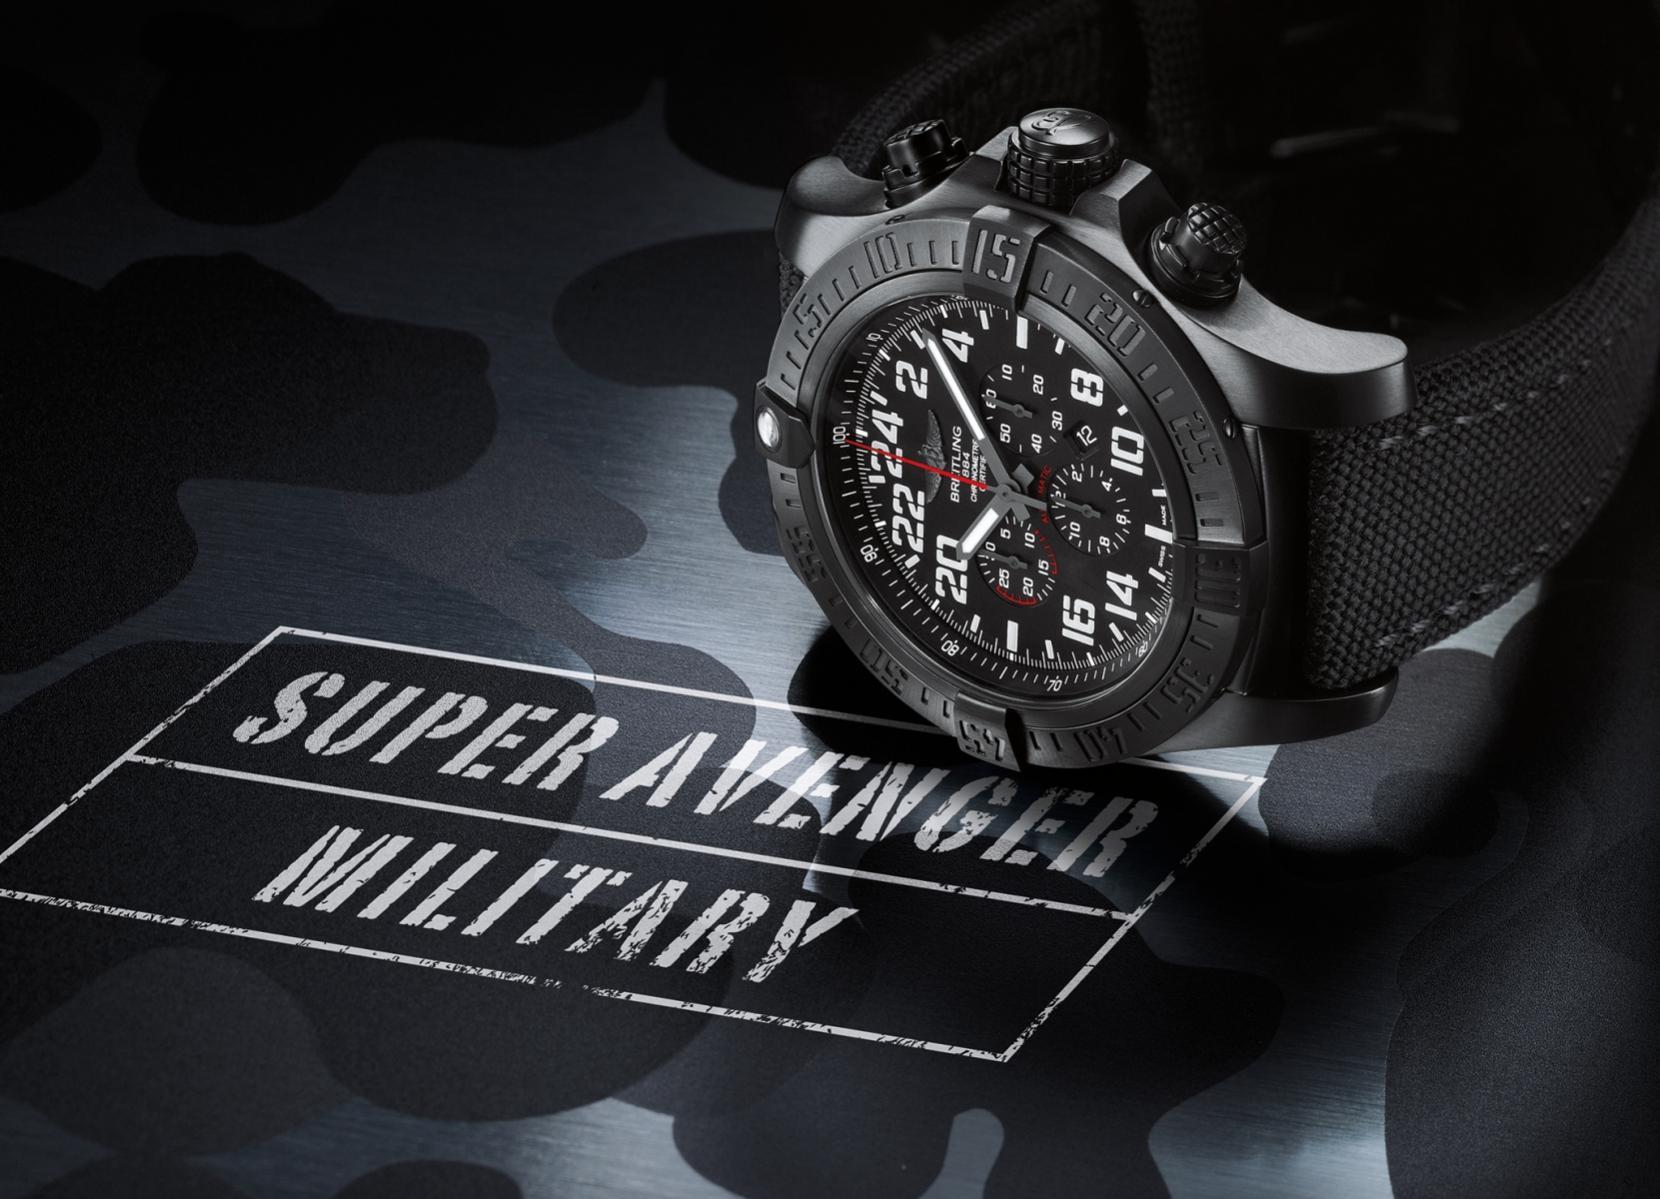 Naziv: 97 asset-version-2b45a578da-super-avenger-military.jpg, pregleda: 1170, veličina: 199,2 KB